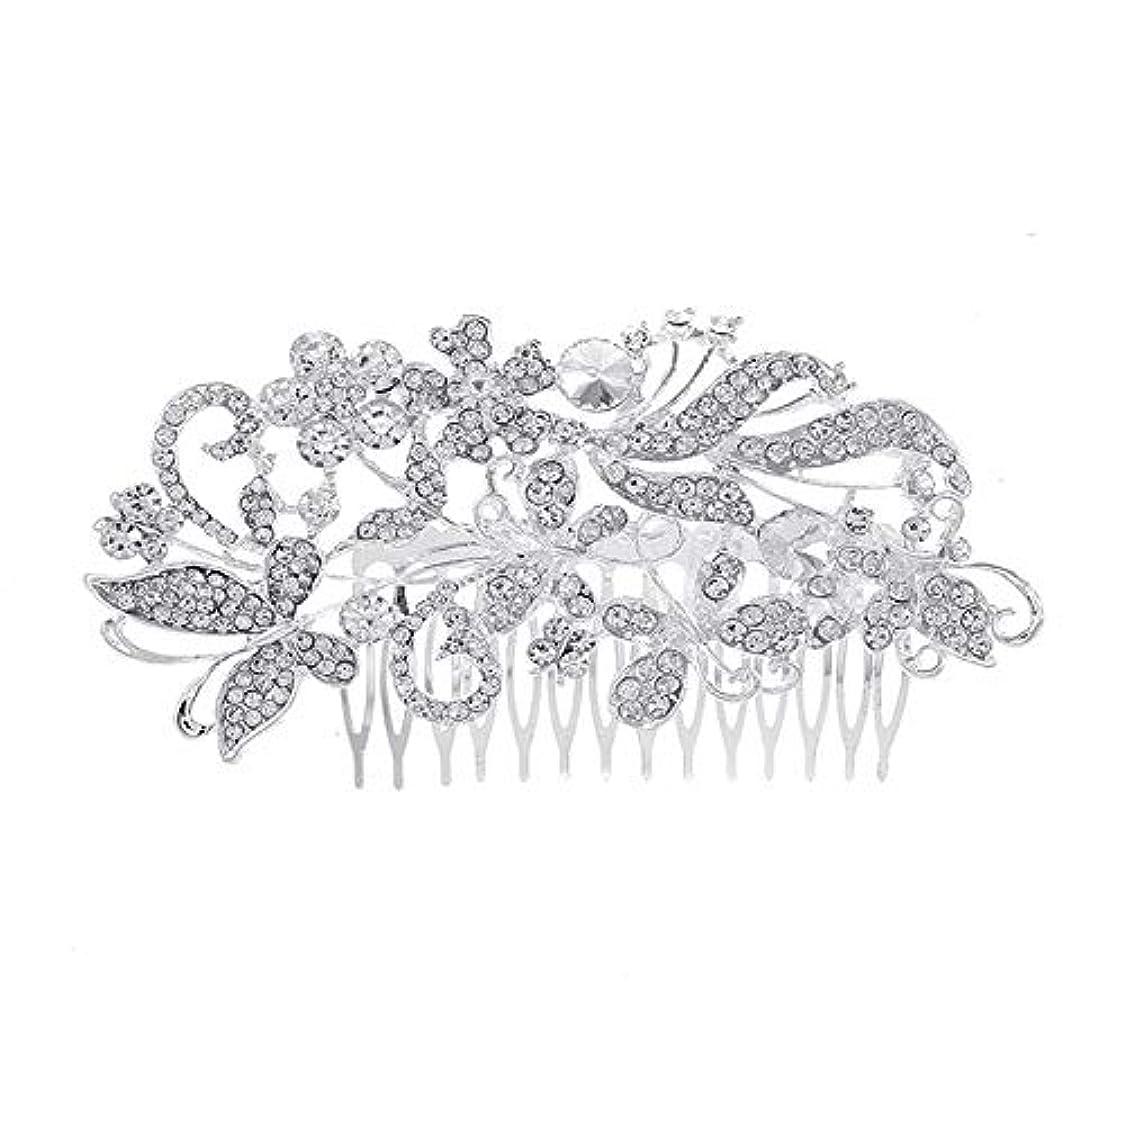 グラフ発掘振り向く髪の櫛、櫛、花嫁の髪の櫛、亜鉛合金、結婚式のアクセサリー、櫛